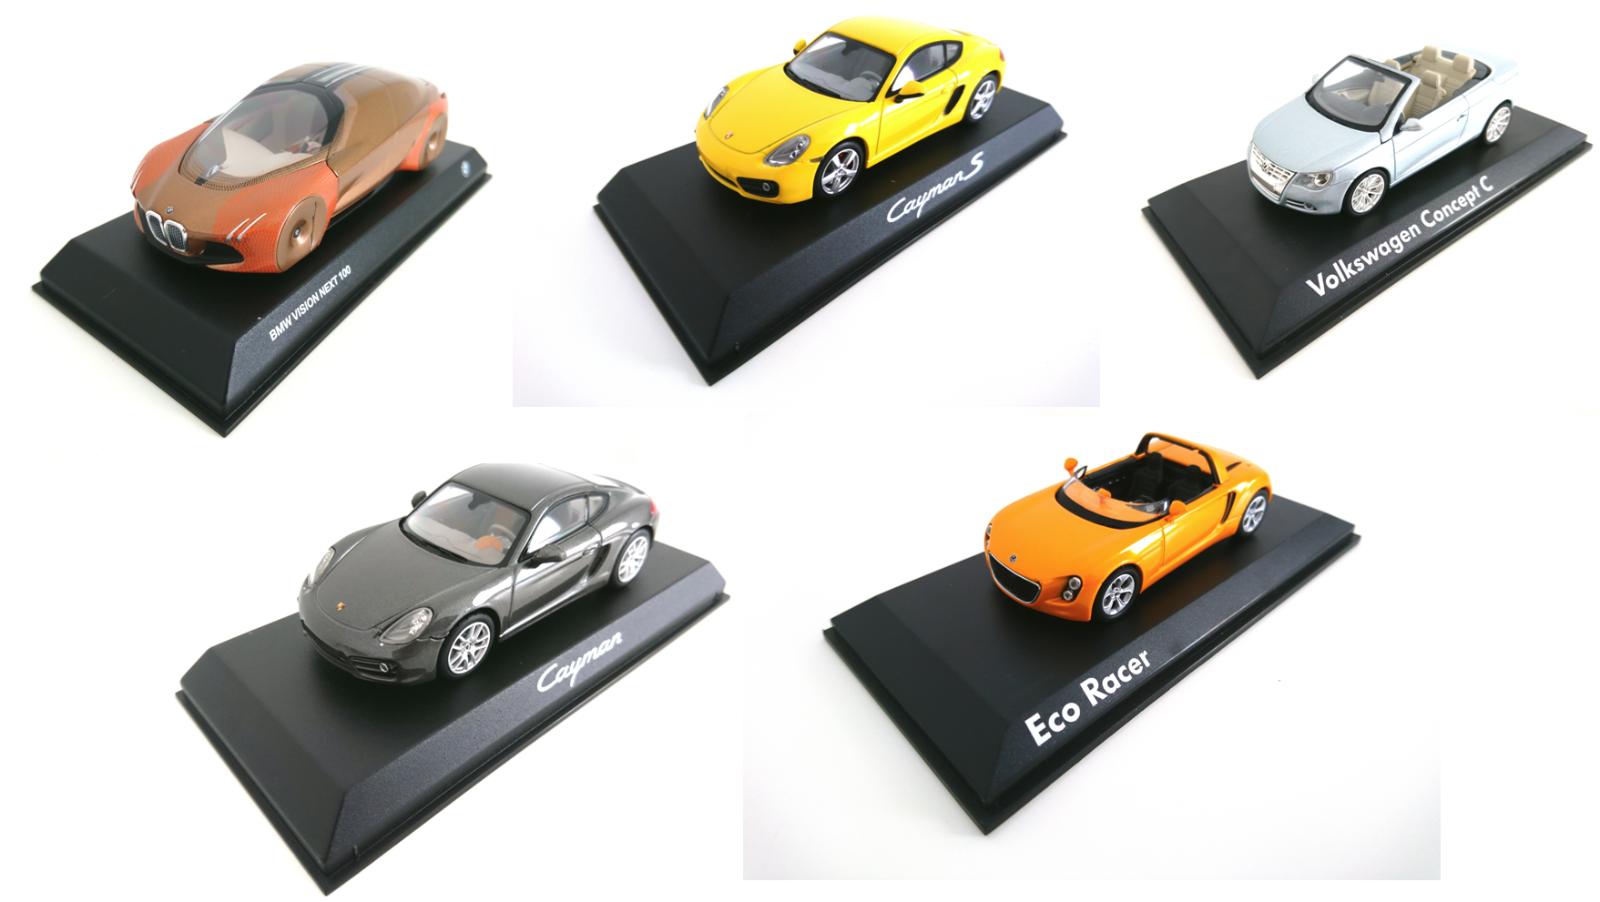 Lot  de 5 voitures allehommedes 1 43 BMW PORSCHE VOLKWAGEN -NOREV DIECAST MODEL voiture  la meilleure offre de magasin en ligne